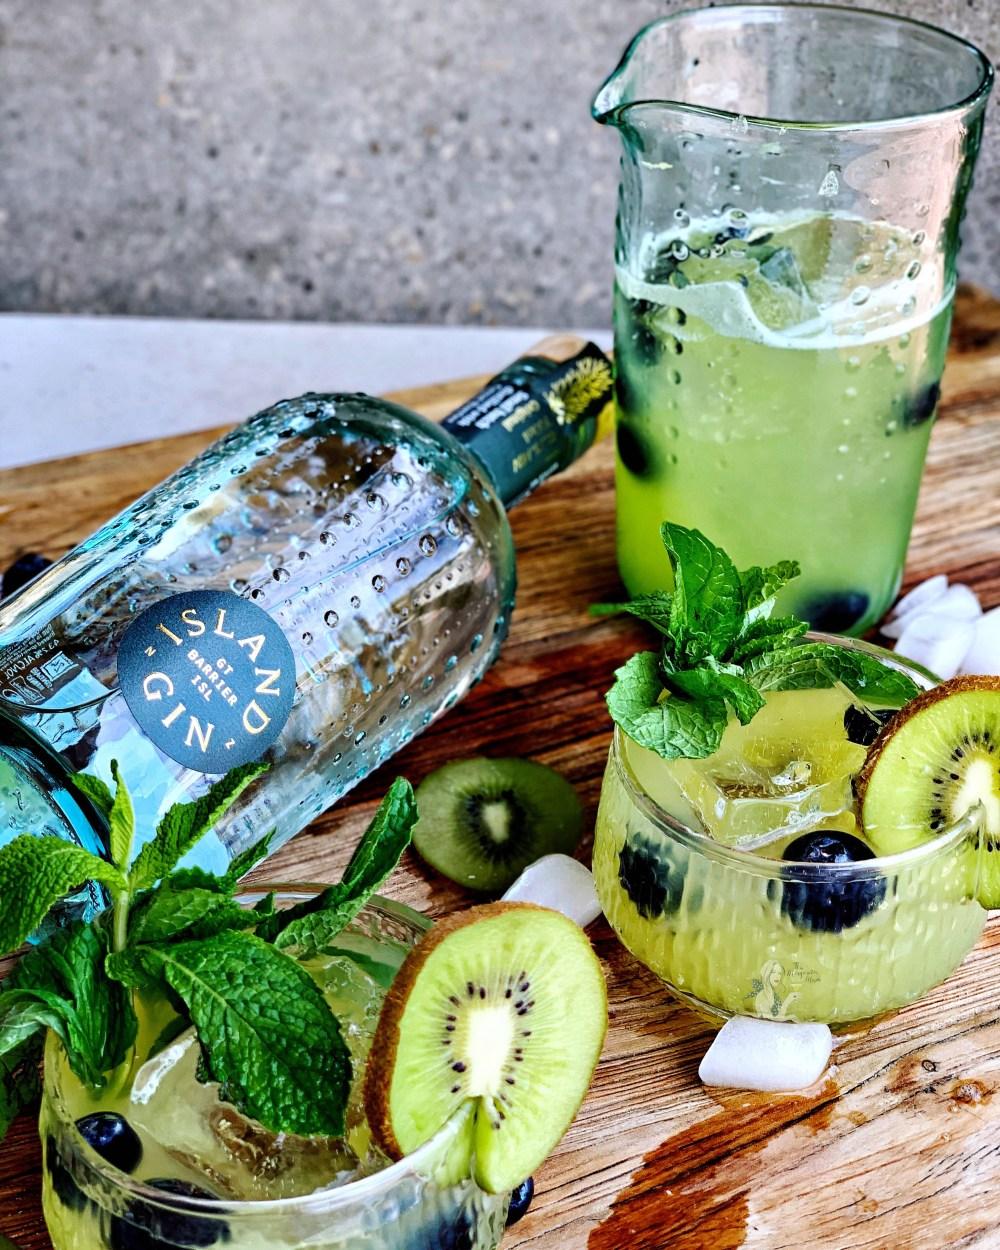 island gin 141119